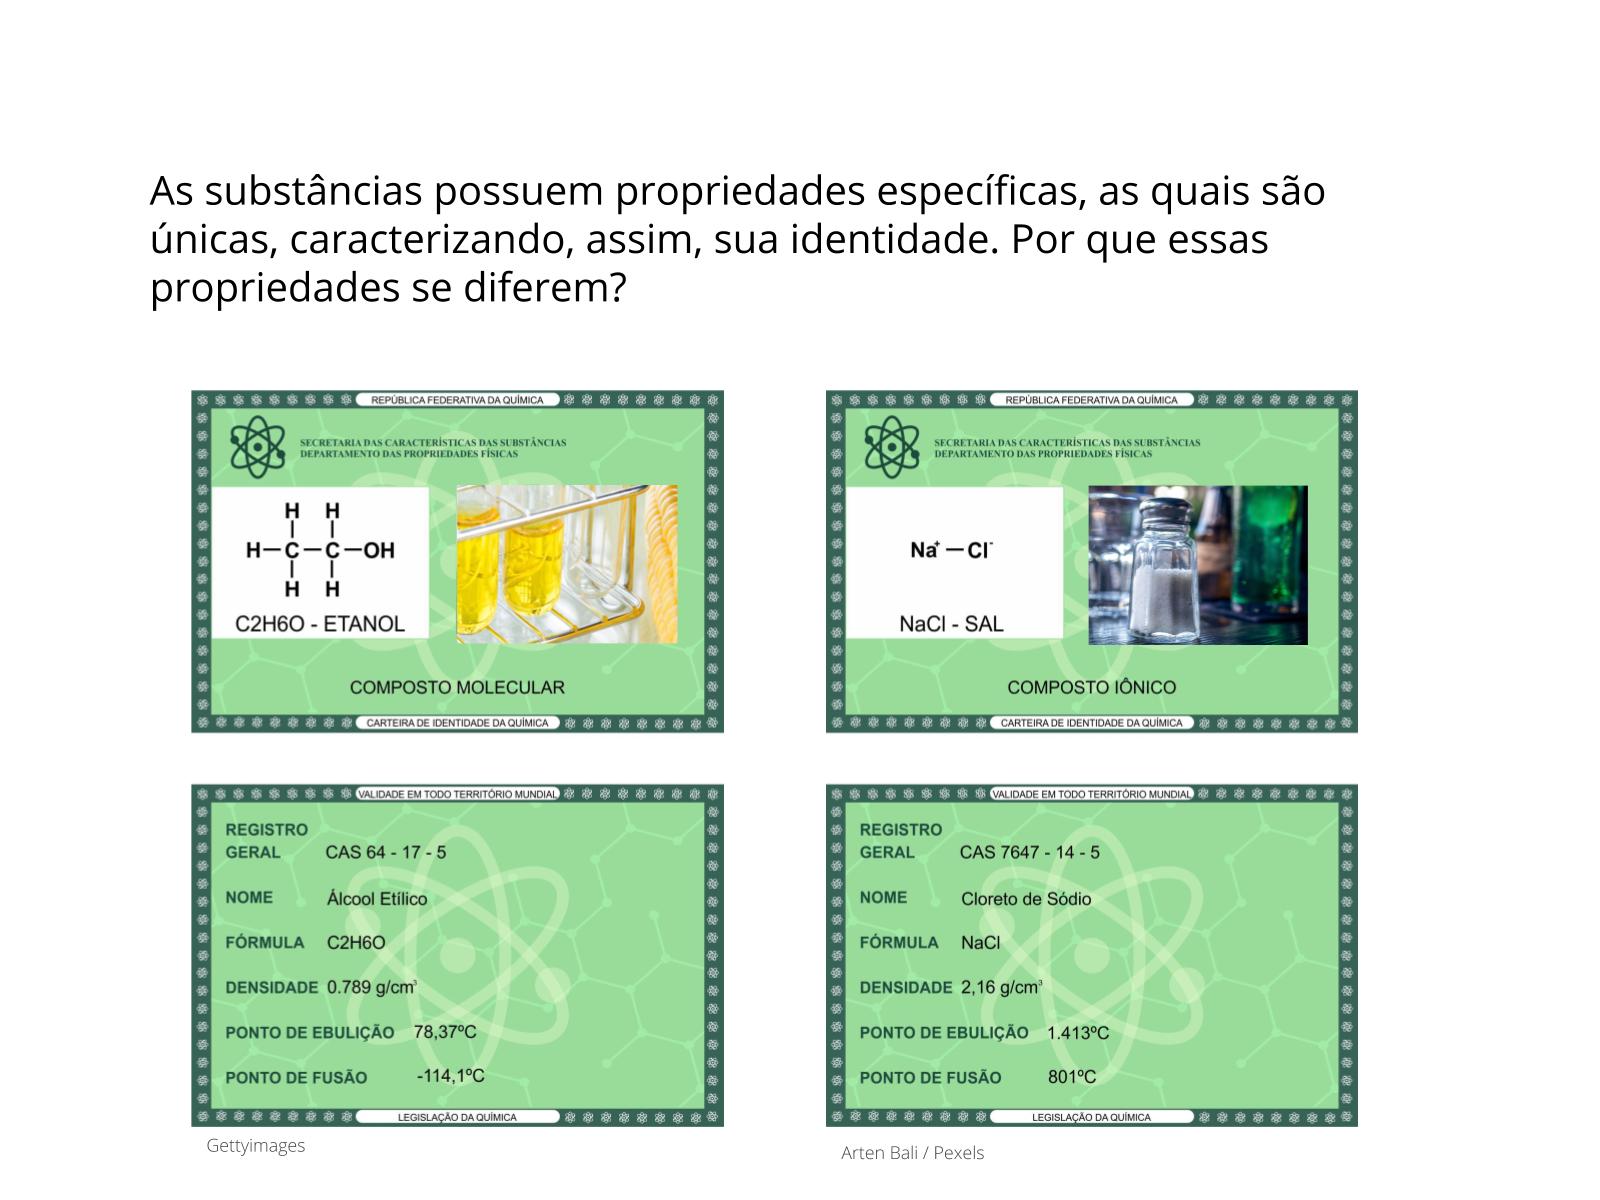 Propriedades dos compostos